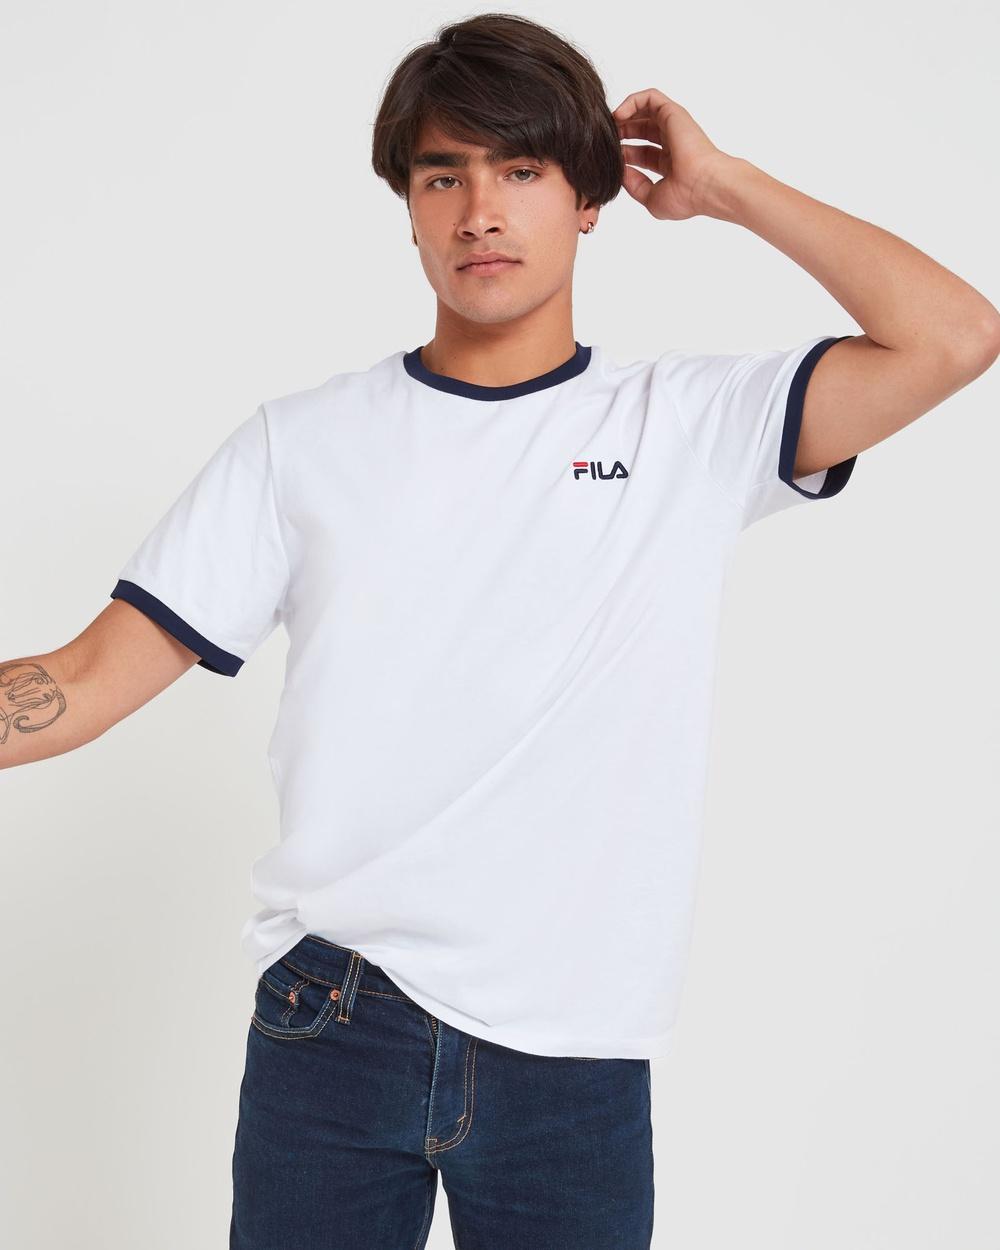 Fila Classic Ringer Tee Men's T-Shirts & Singlets White Australia